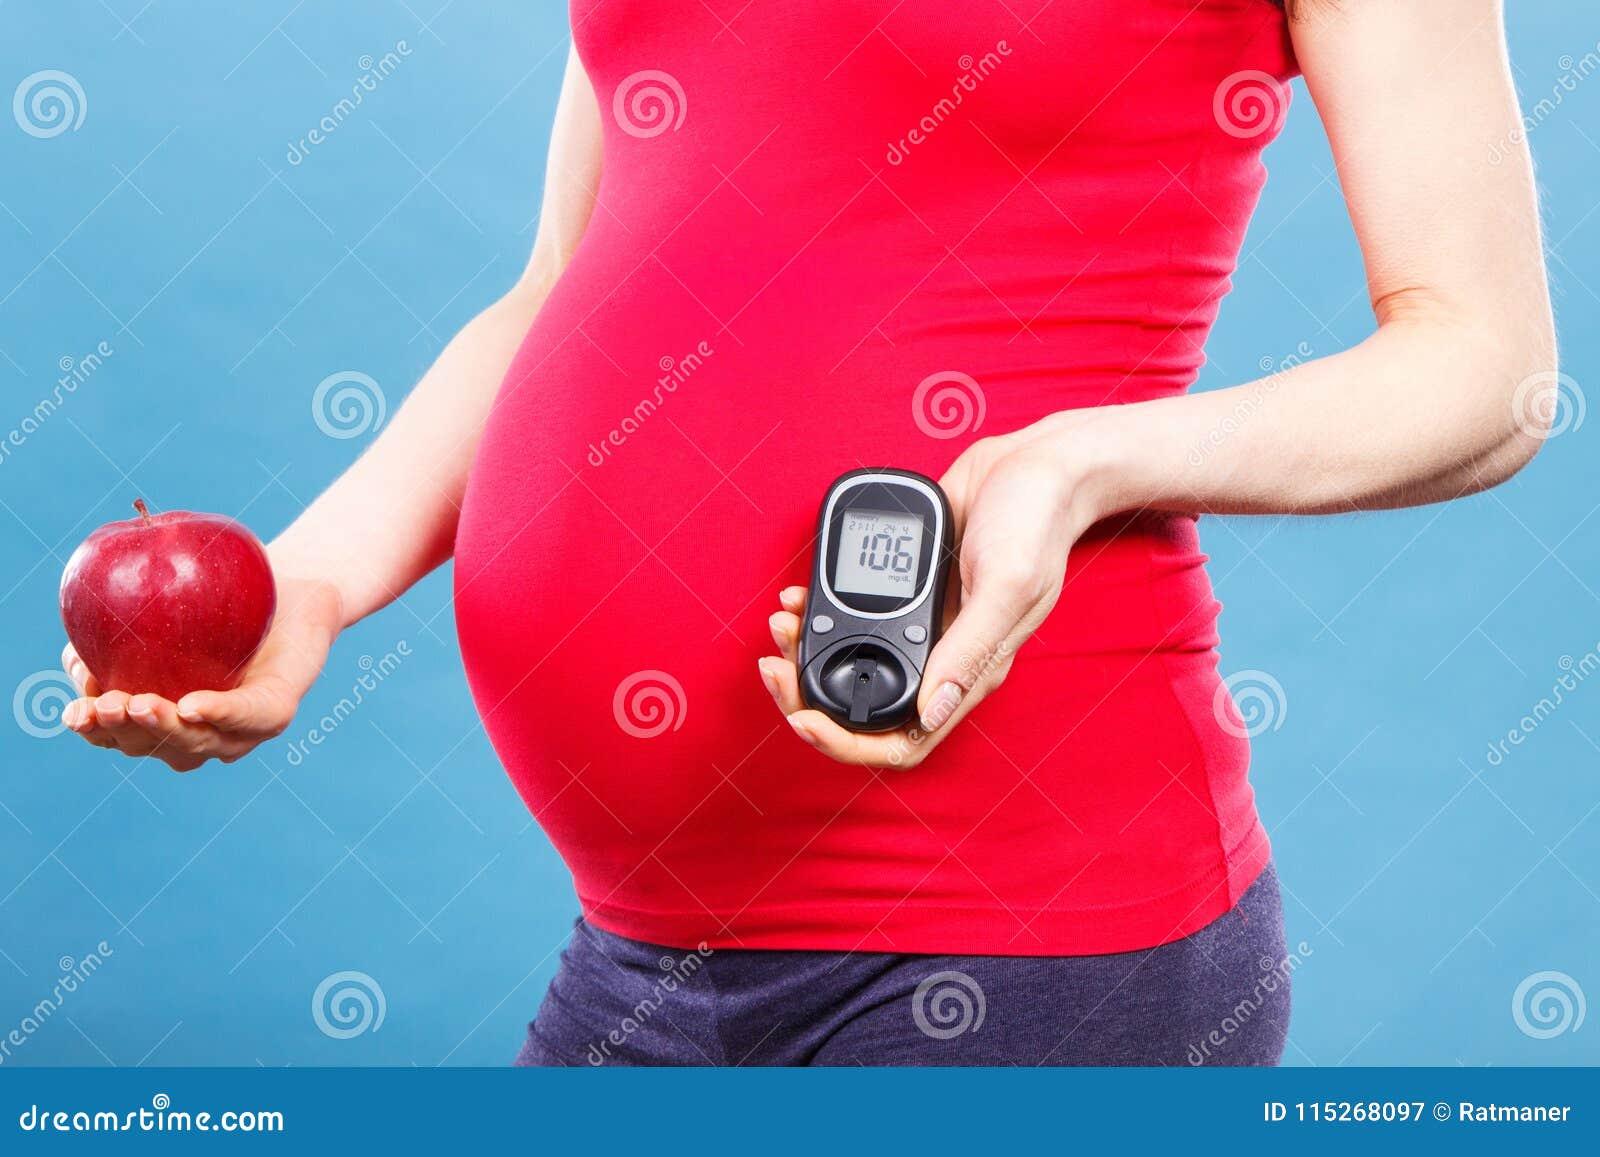 Kobieta w ciąży trzyma świeżego jabłka i glucometer z dobrym rezultata cukieru poziomem, cukrzyce podczas brzemienności